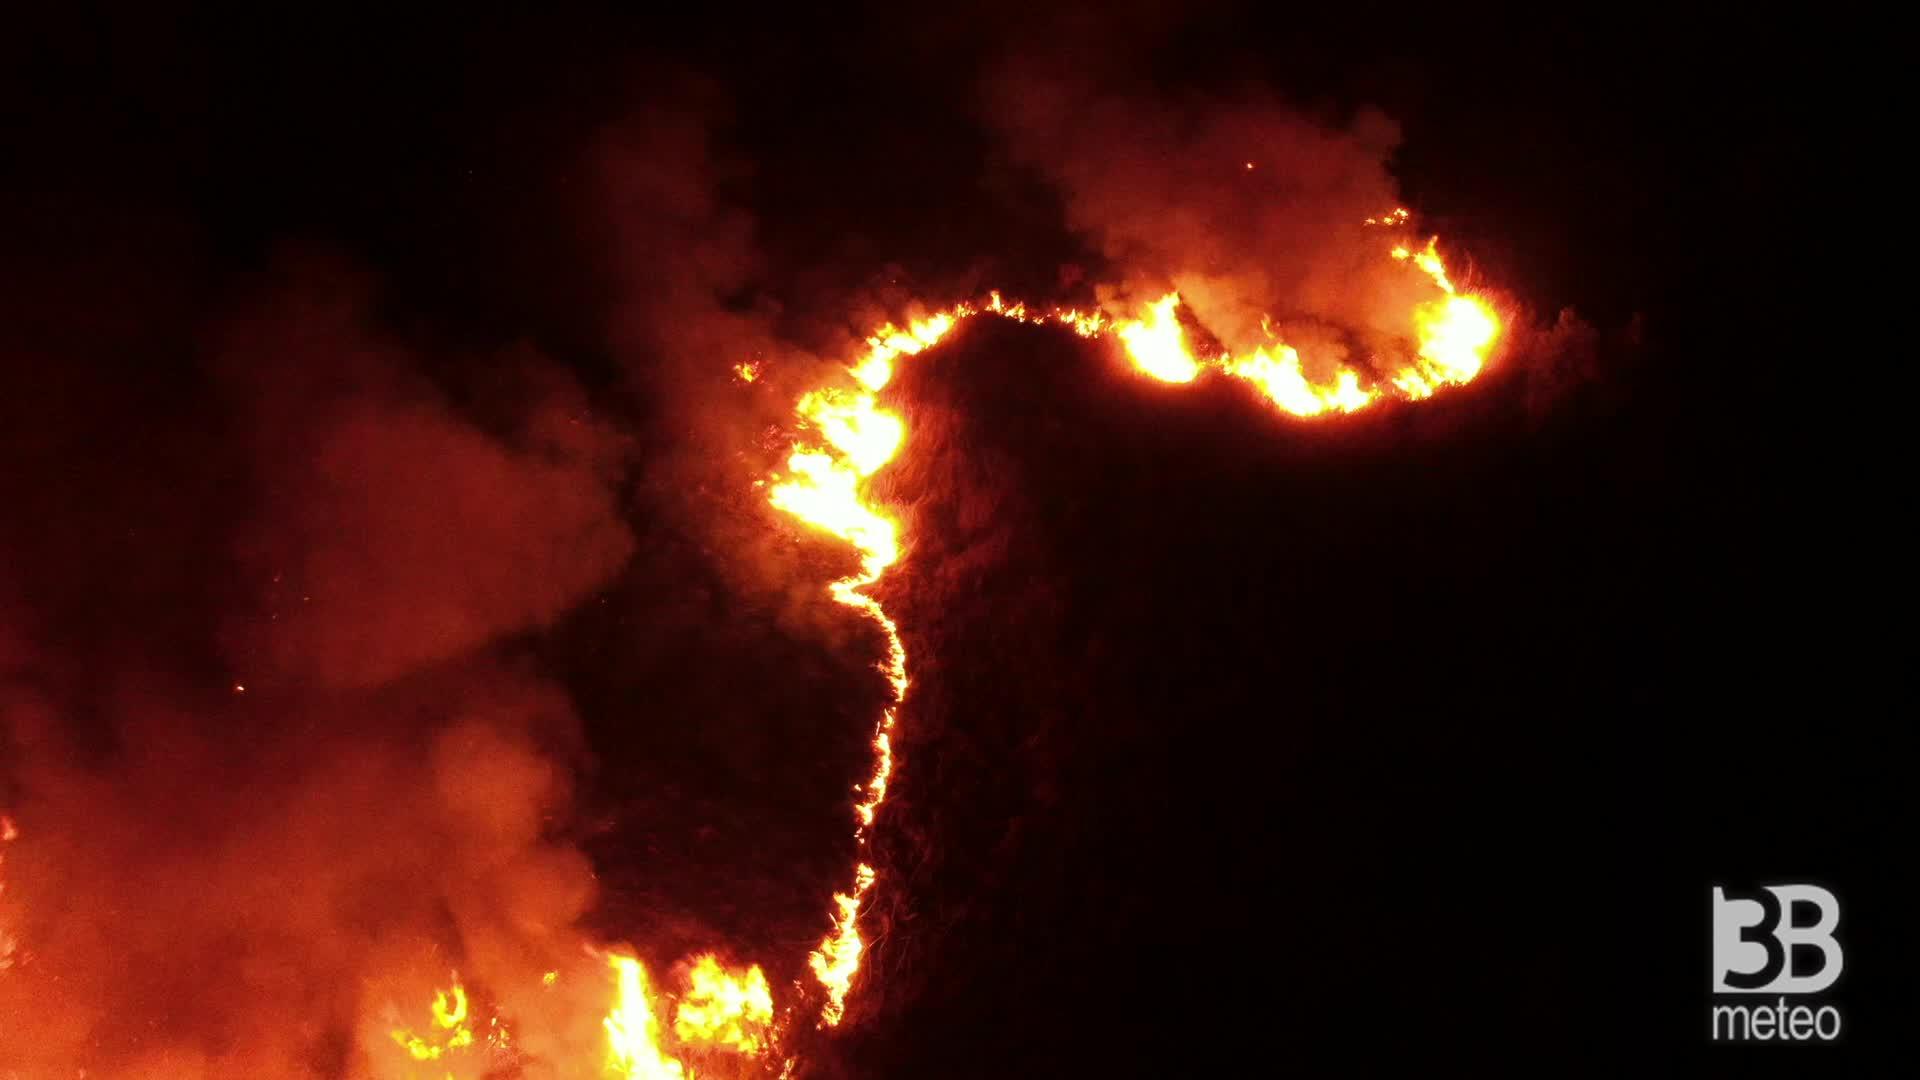 CRONACA DIRETTA - Catania, incendi sul simeto: i roghi visti dall alto - VIDEO